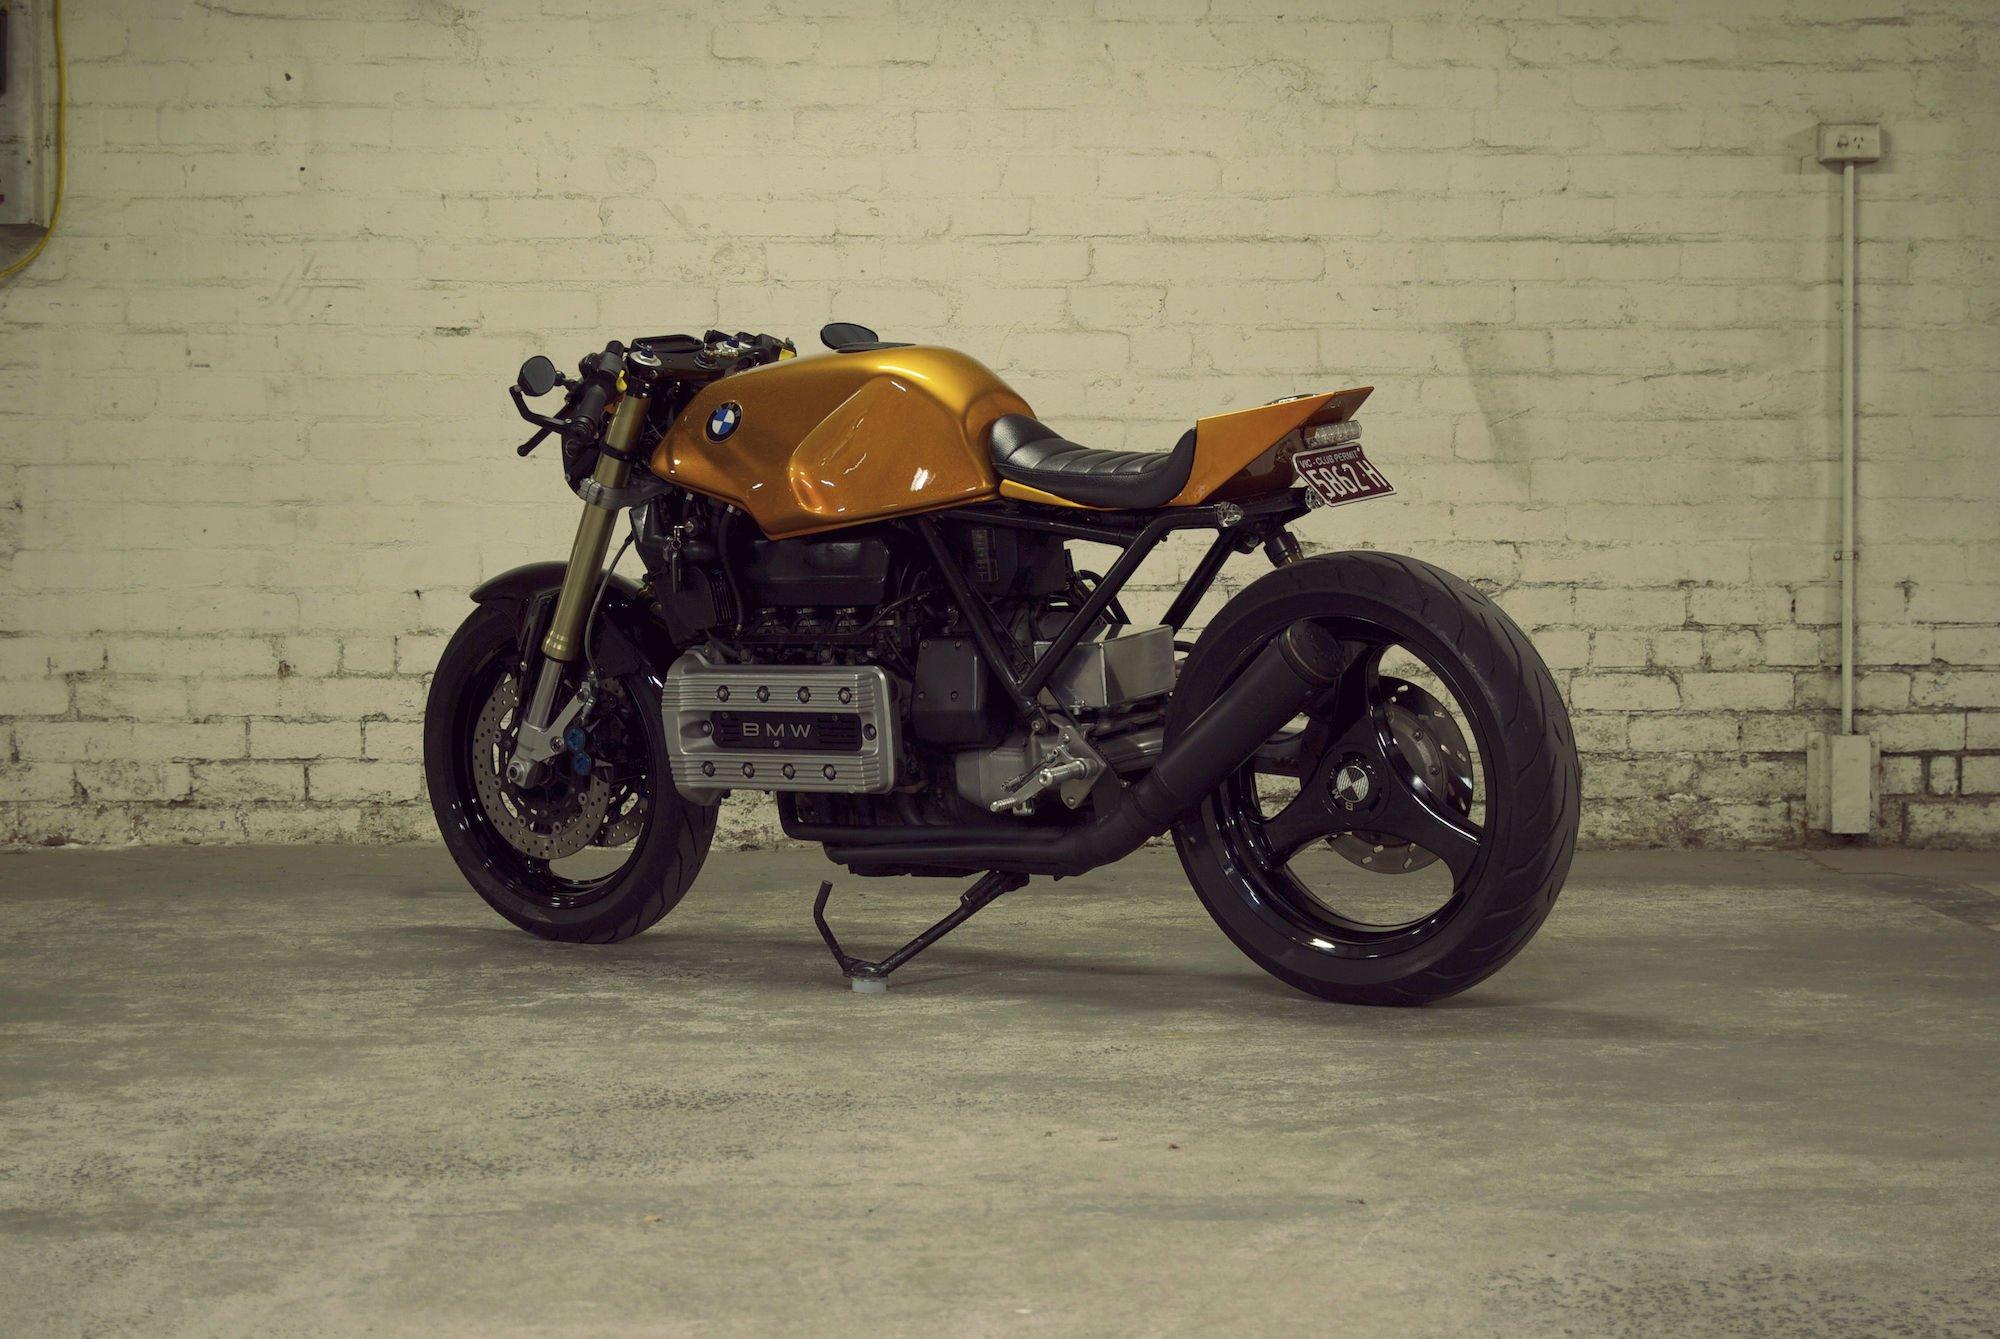 BMW K100 by Paul \u0026quot;Hutch\u0026quot; Hutchison